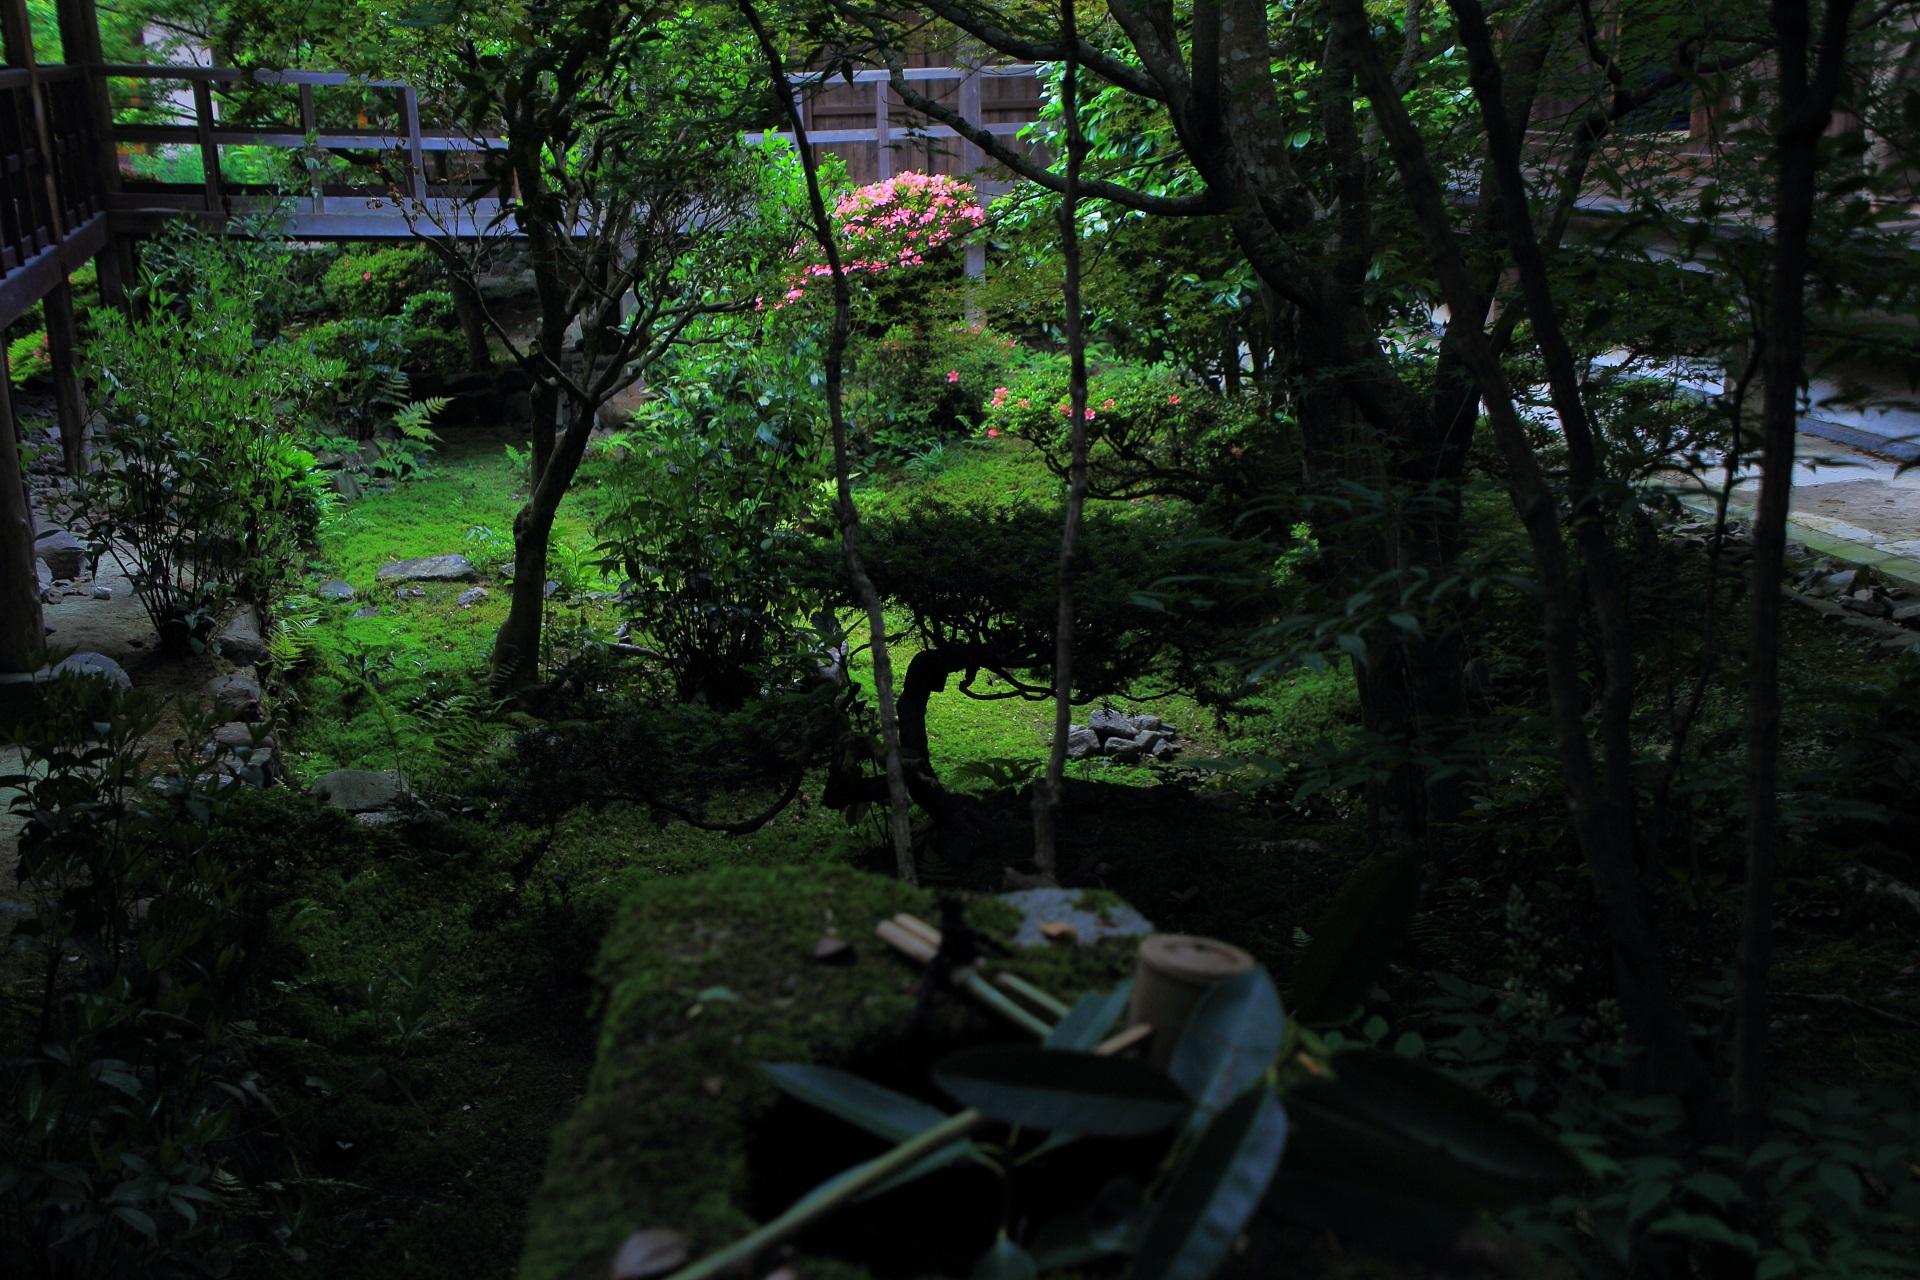 安楽寺の風情ある落ち着いた中庭で輝くサツキ